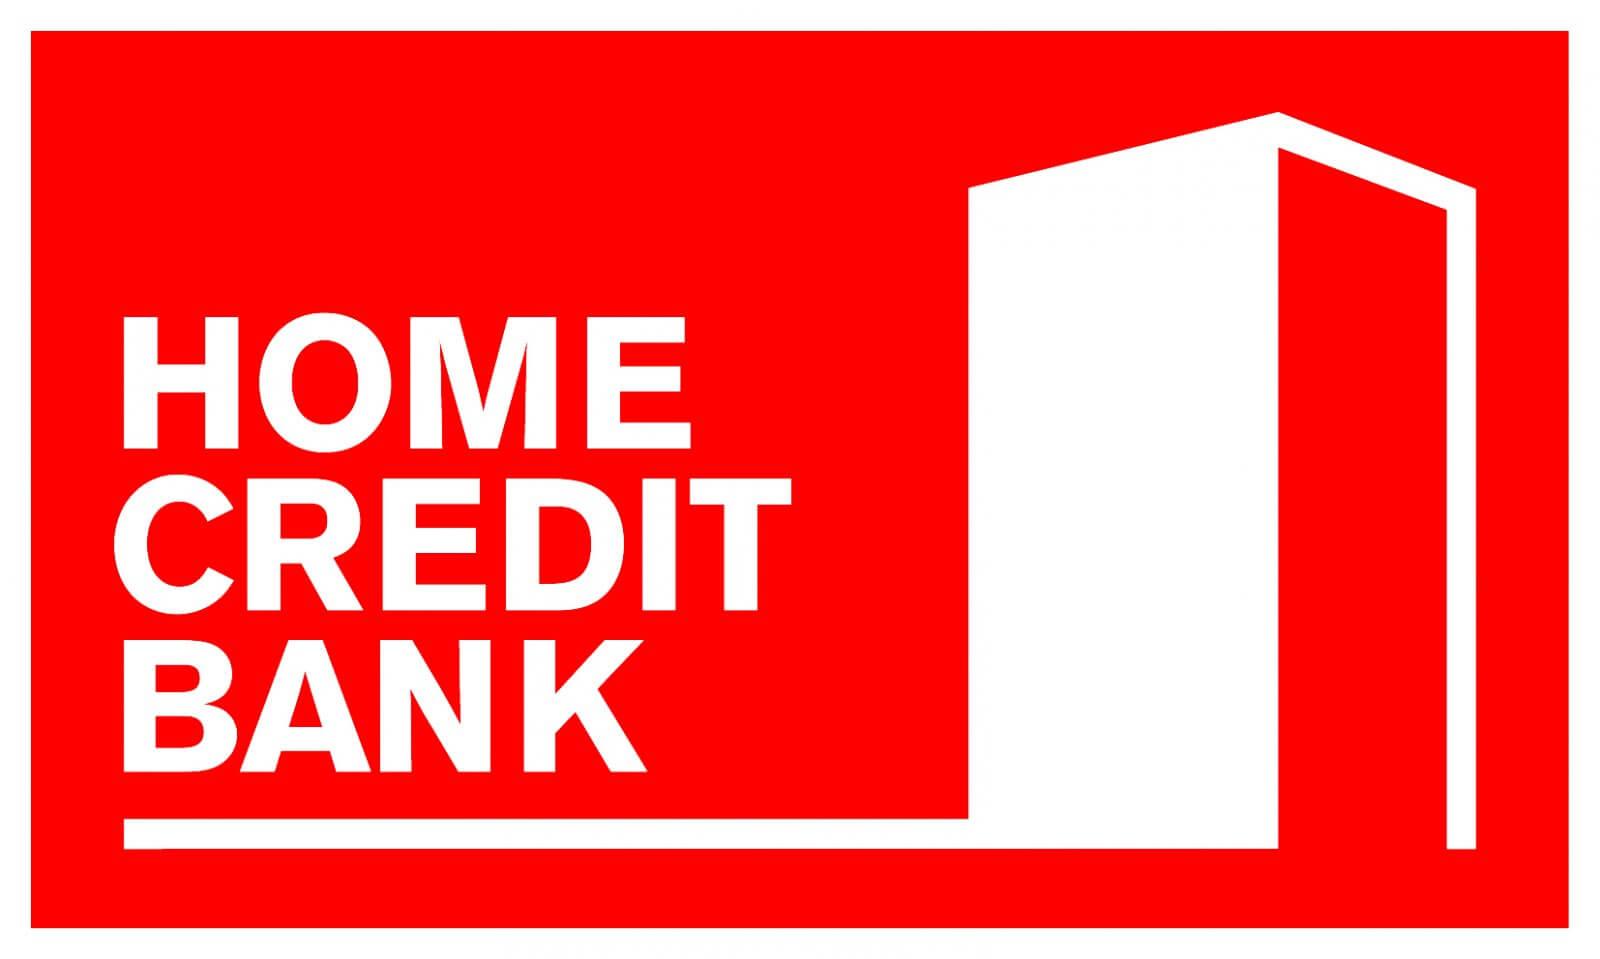 07e8bec8680de2339a443cffcb65fdca0b9e6951_1600 - Взять кредит в Выксе